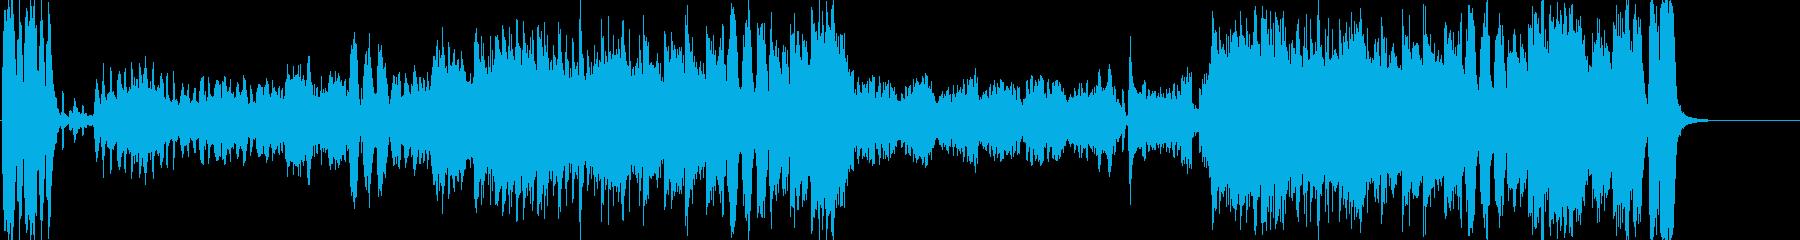 優雅でセレブなオーケストラワルツの再生済みの波形